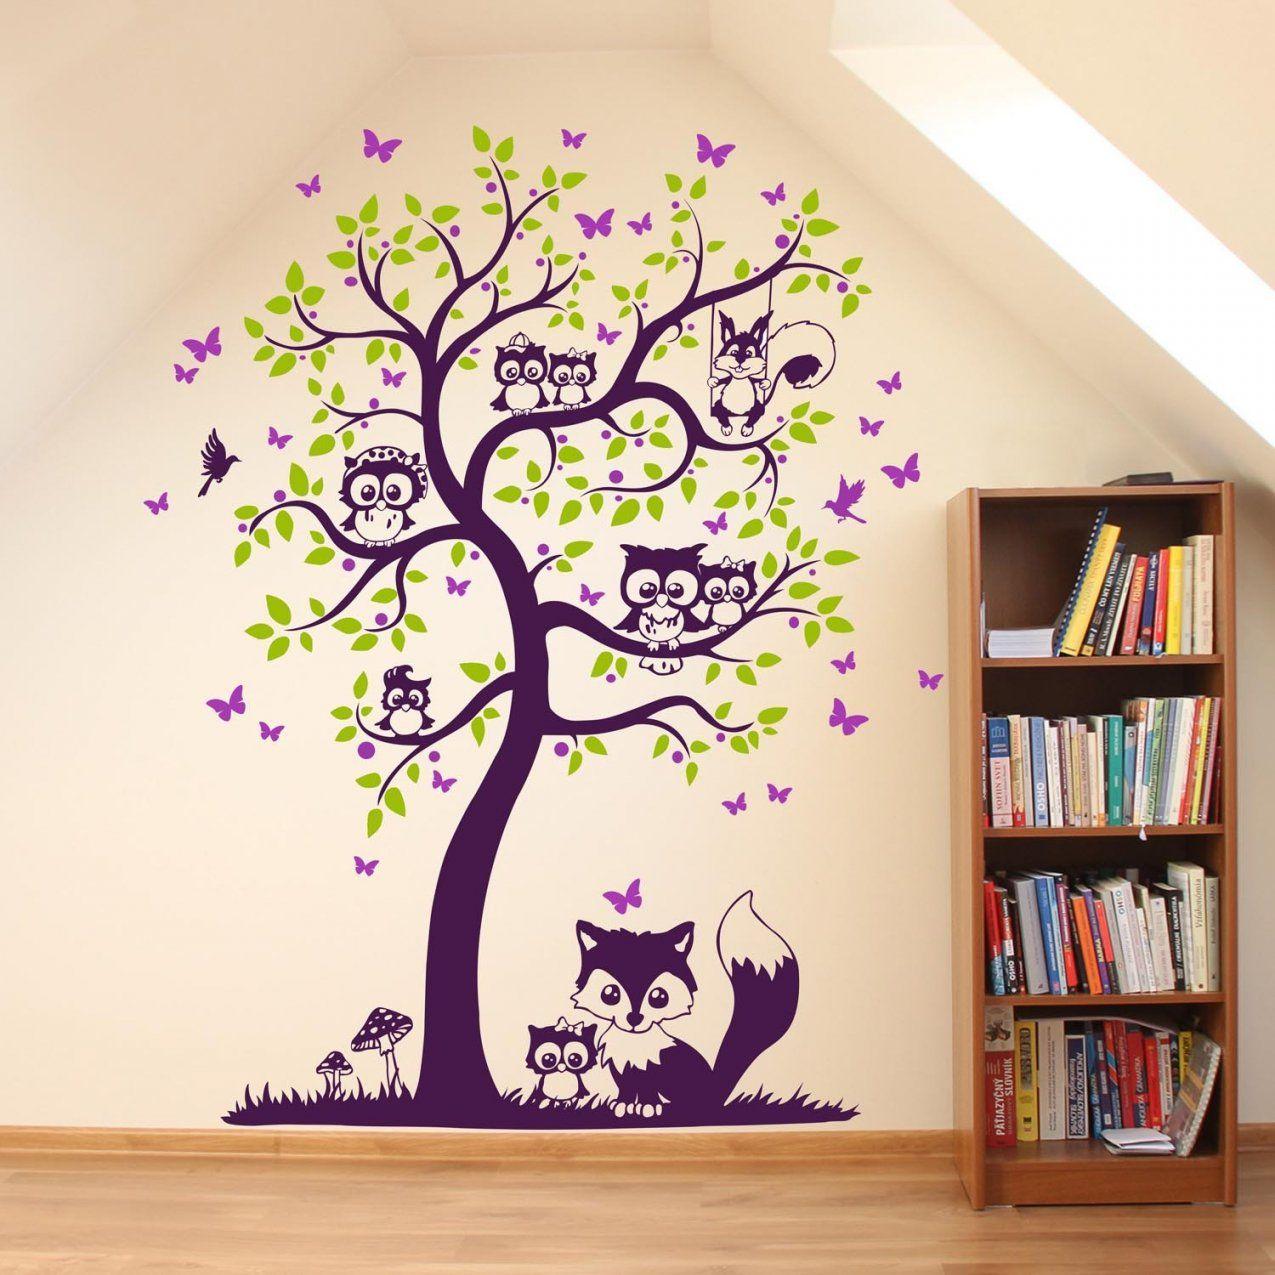 Wandtattoo Baum Mit Eulen Eichhörnchen Fuchs Und Schmetterlinge von Wandtattoo Baum Mit Eulen Bild